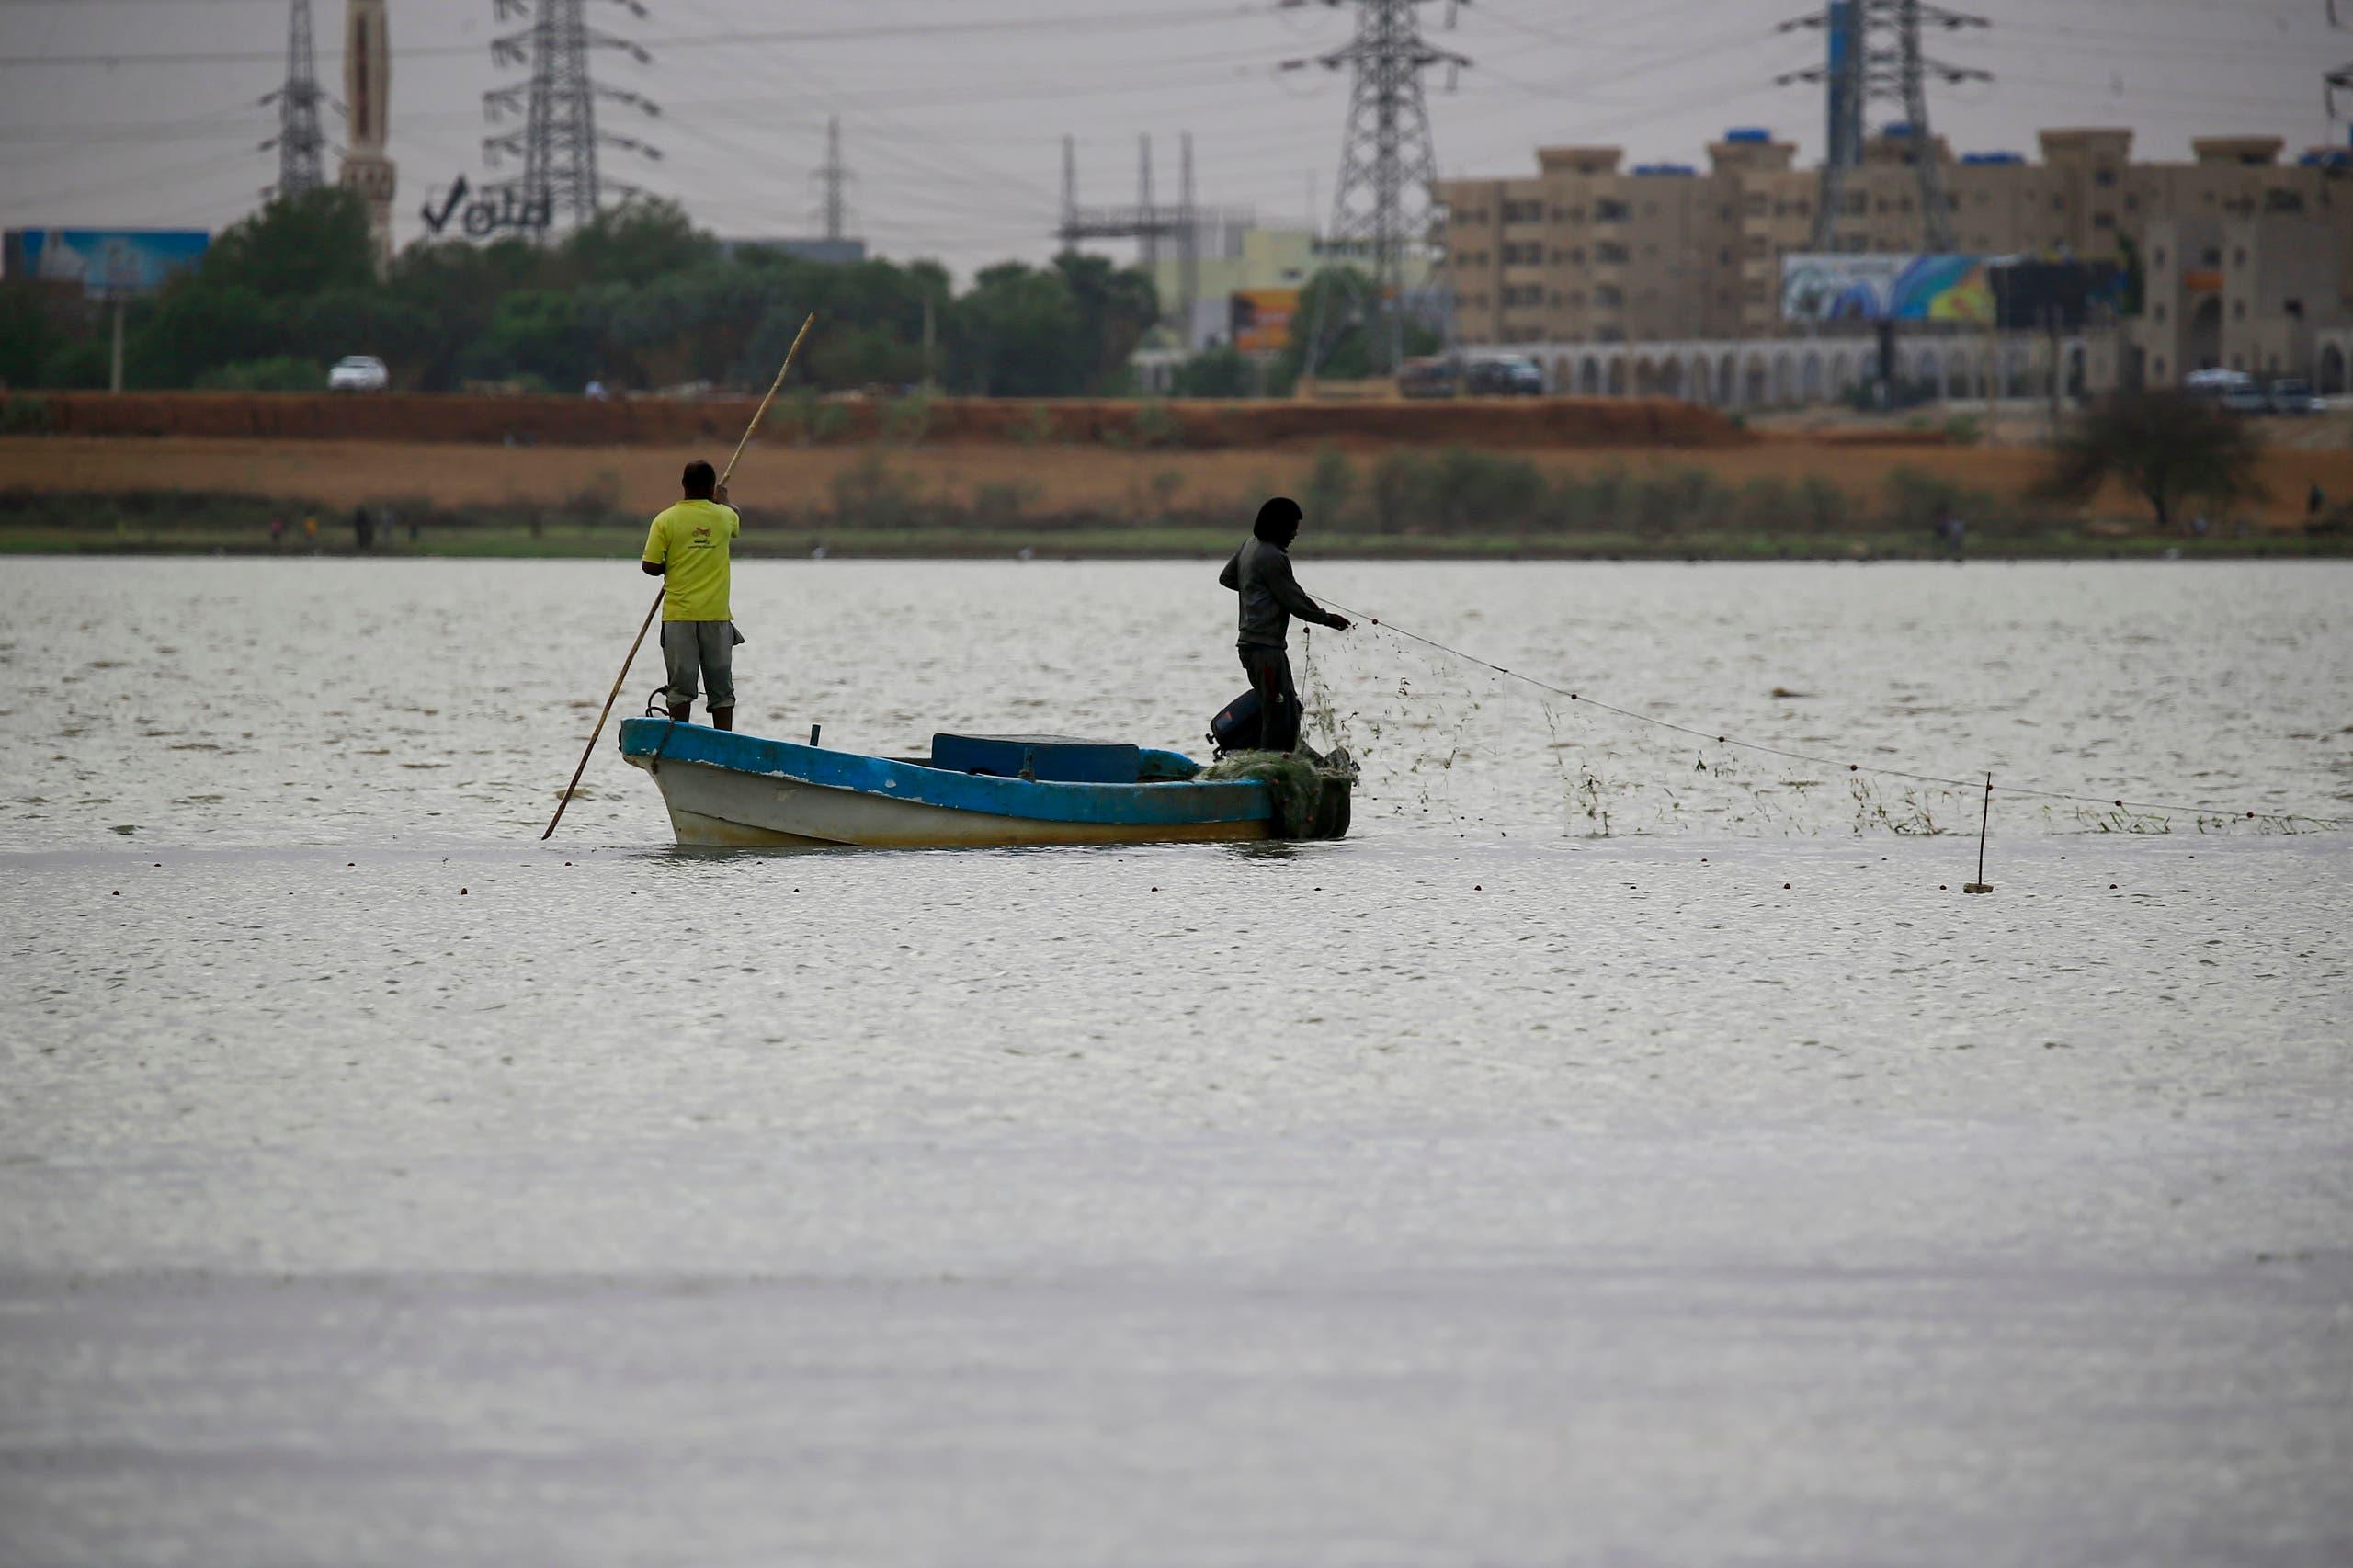 من الخرطوم.. مركب صيد في نهر النيل (أرشيفية- فرانس برس)